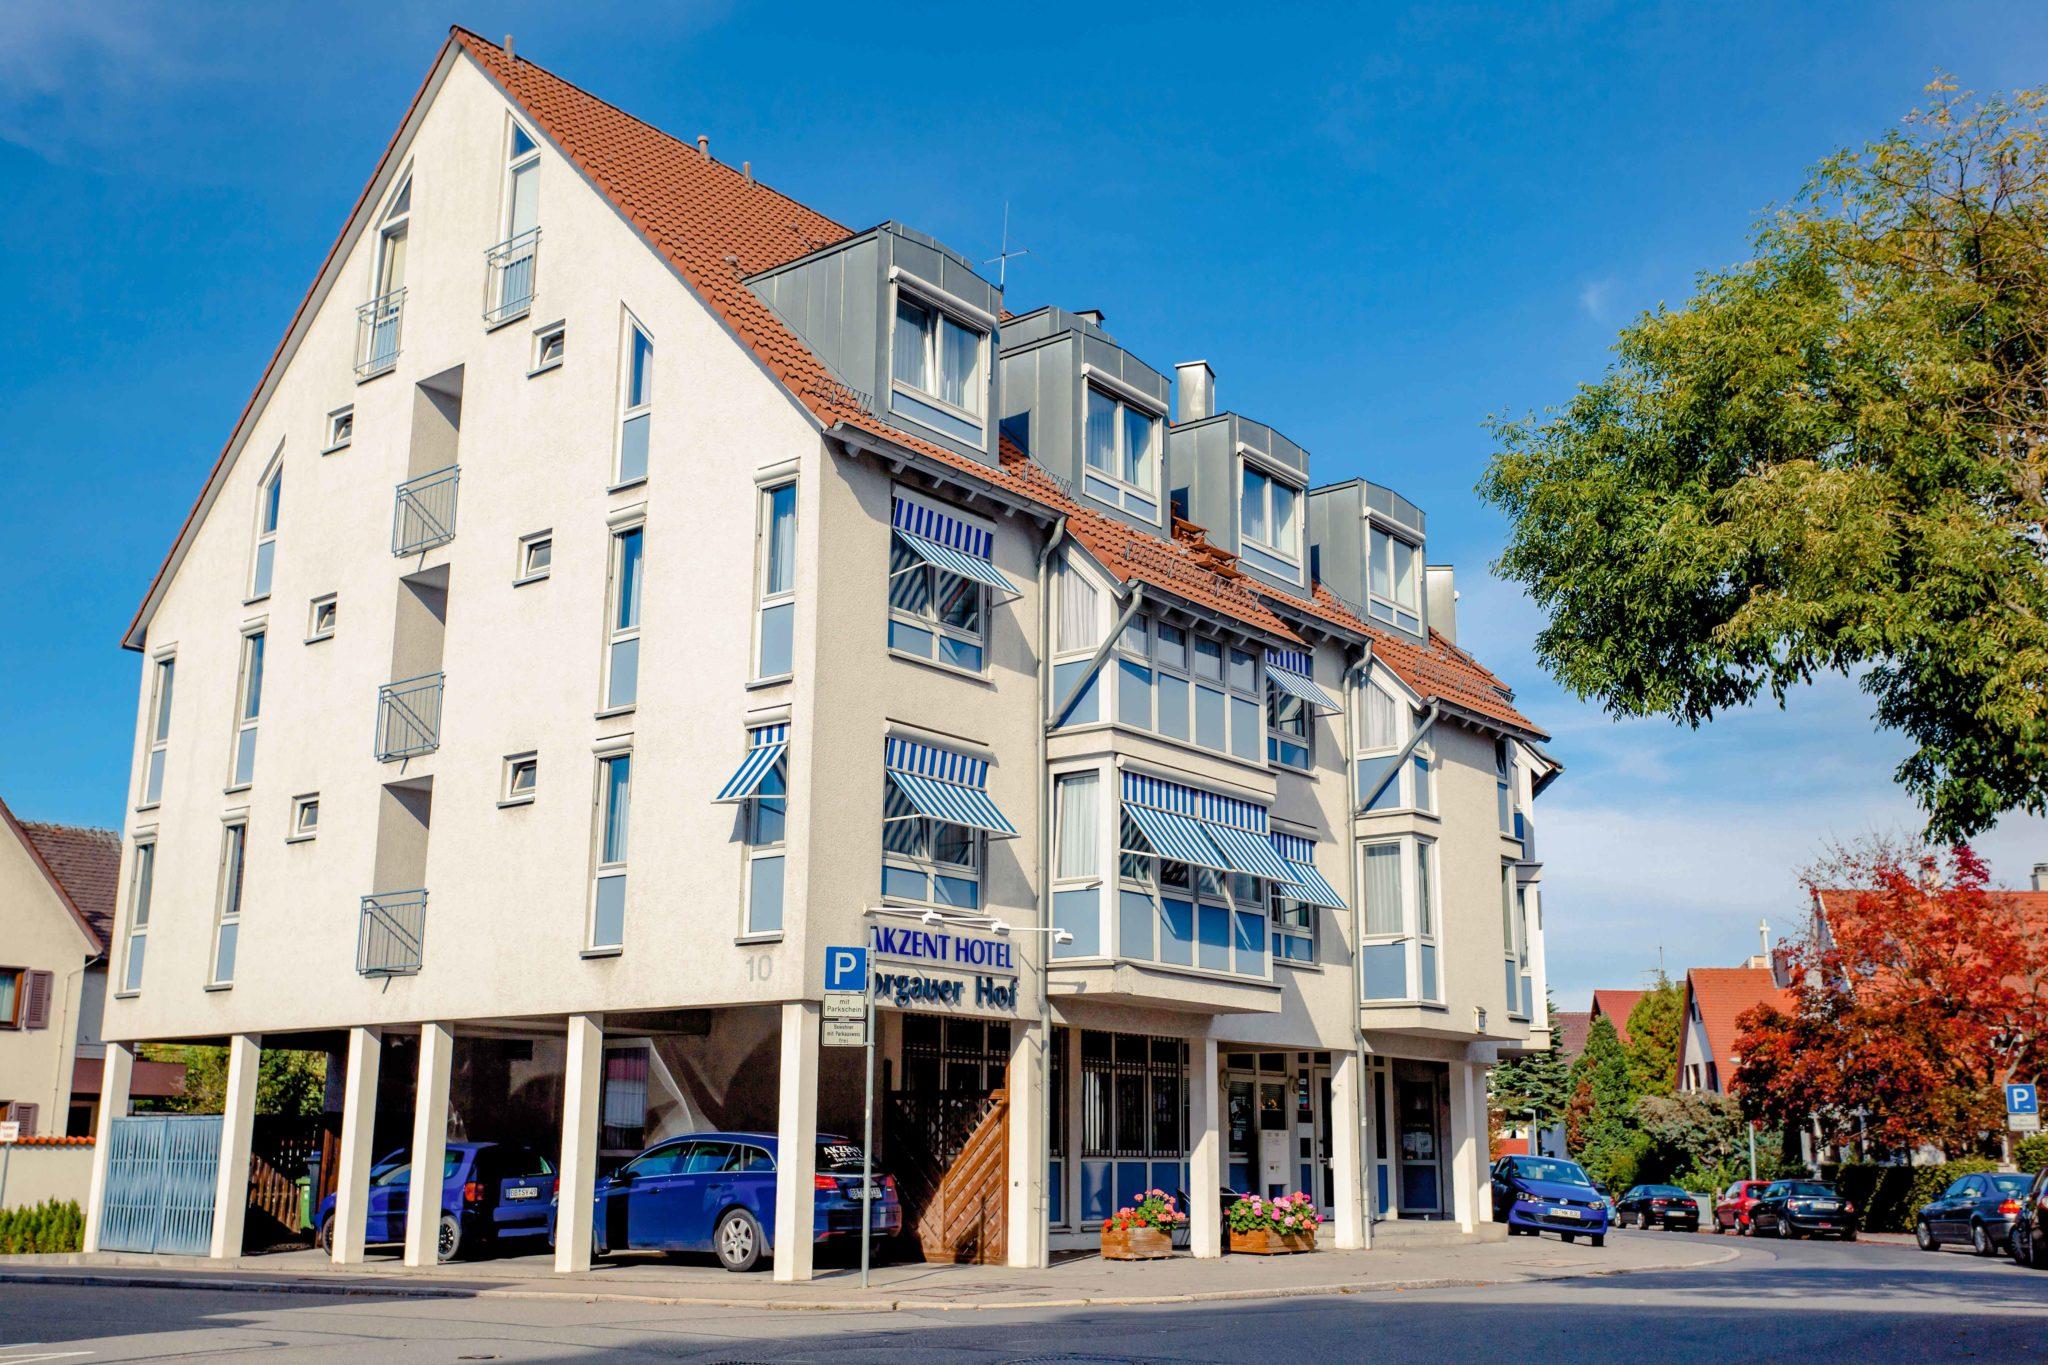 AKZENT Hotel Torgauer Hof Sindelfingen Eingang